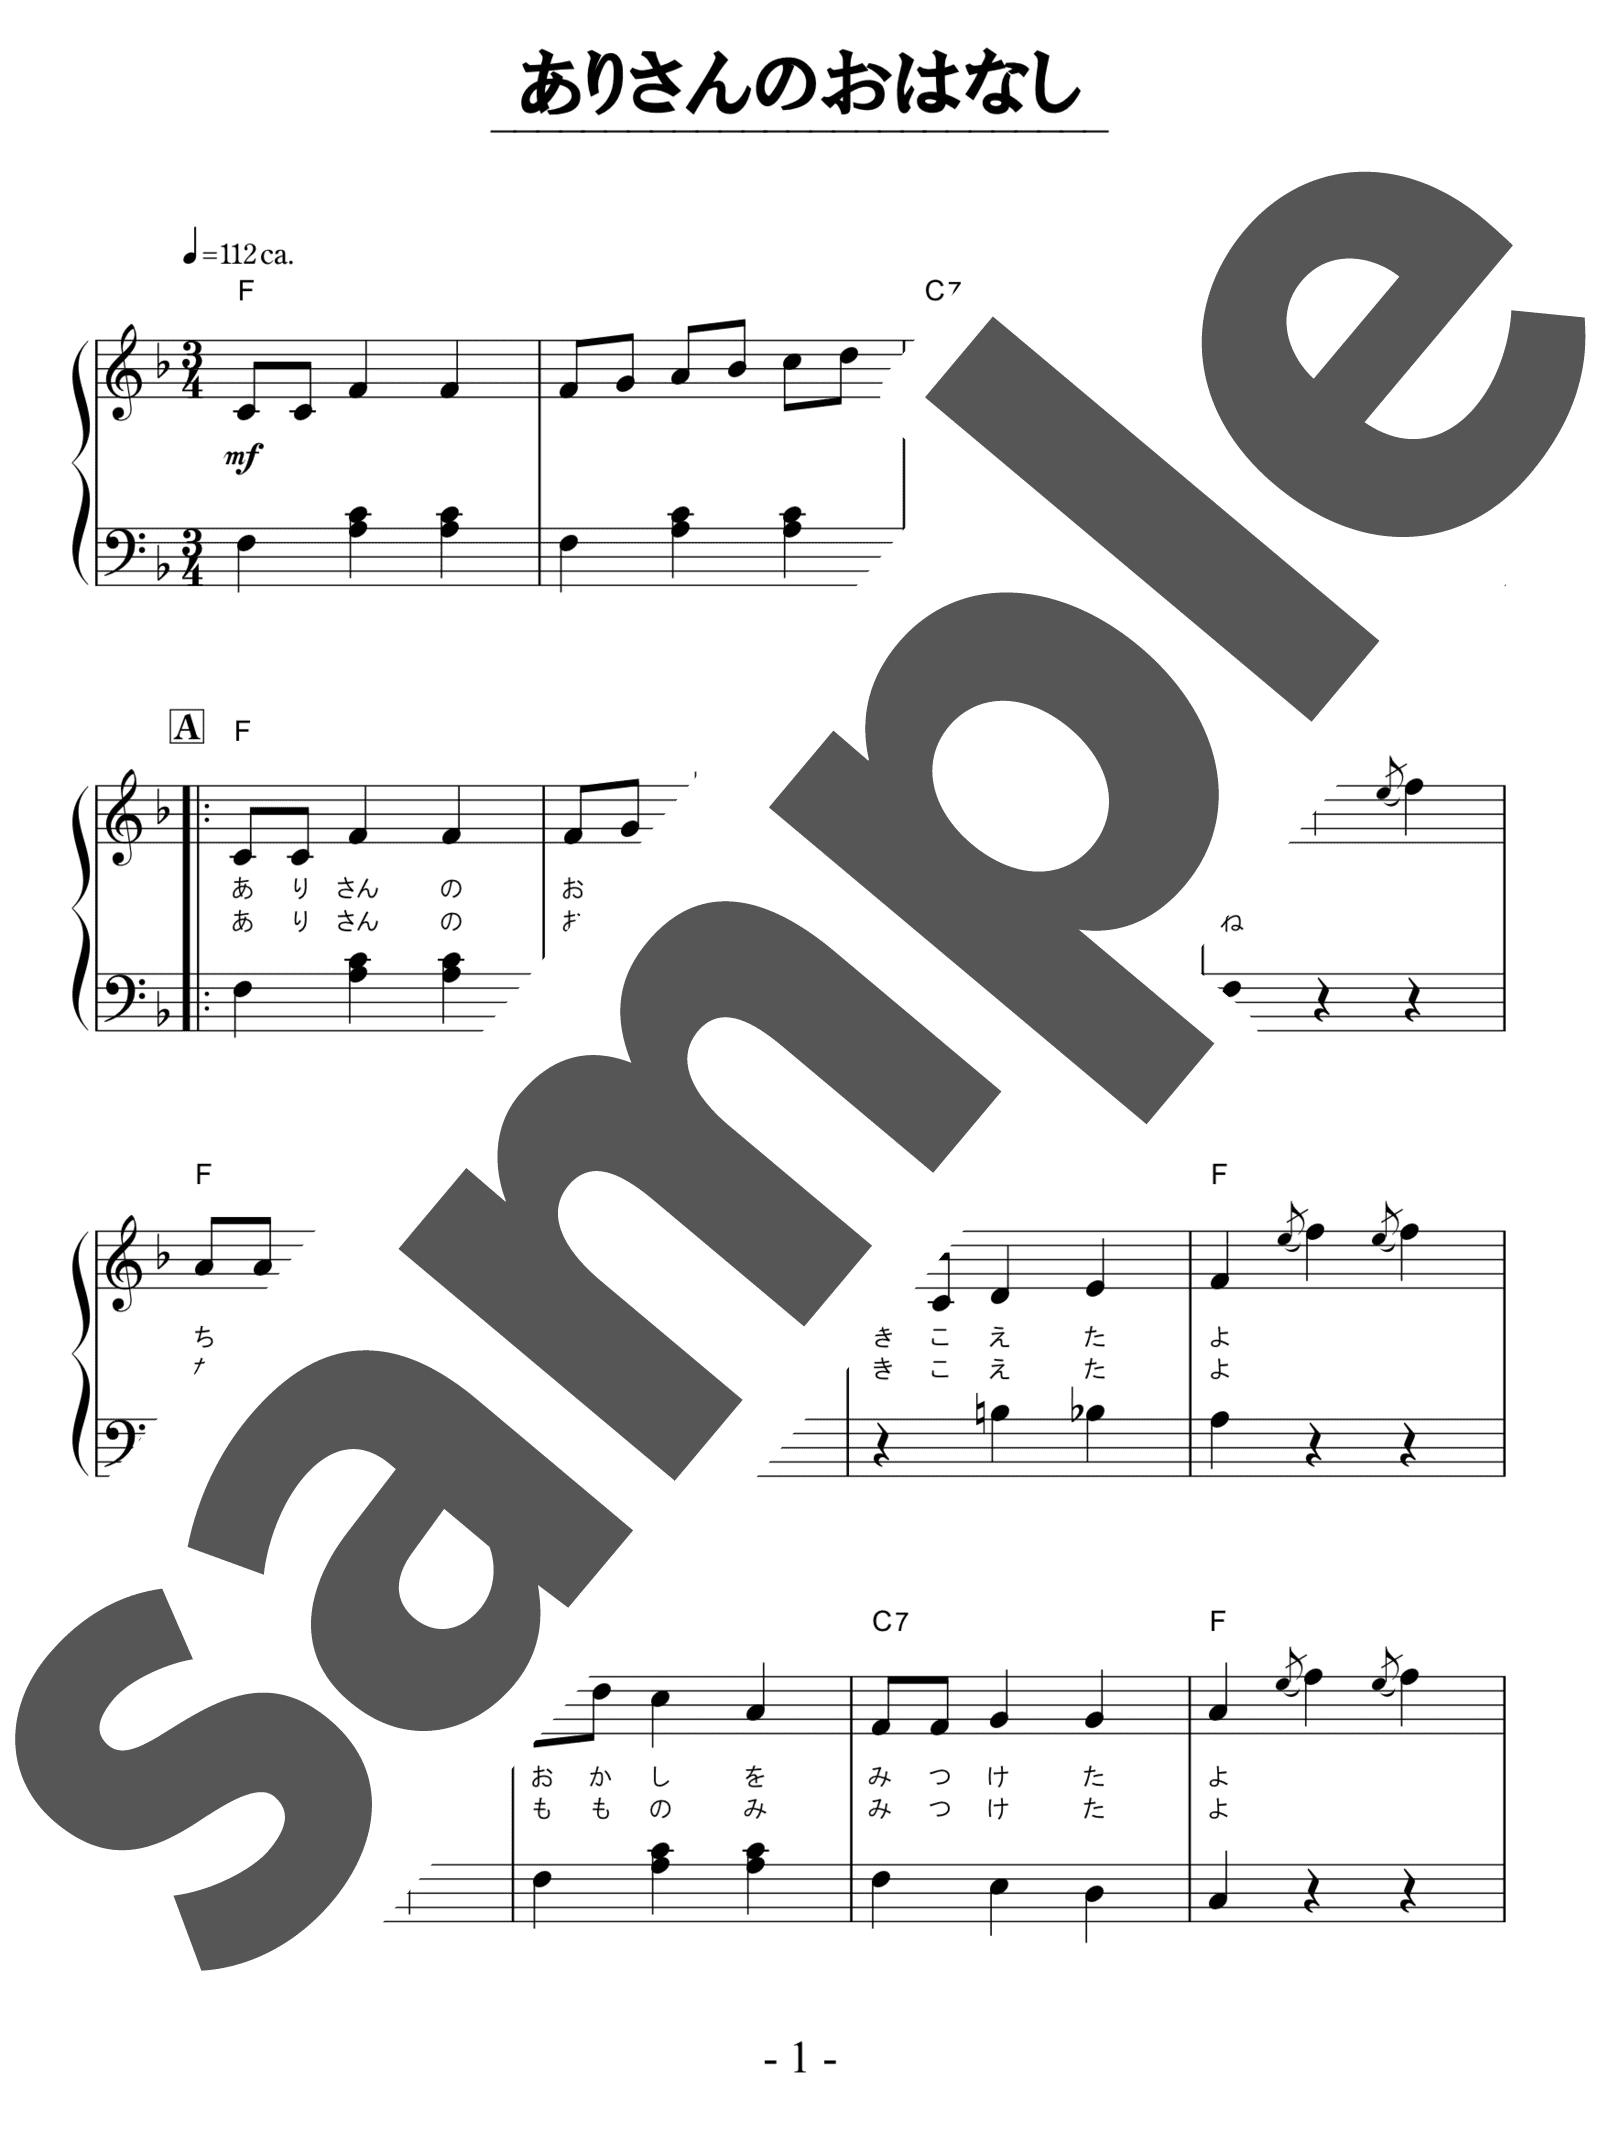 「ありさんのおはなし」のサンプル楽譜